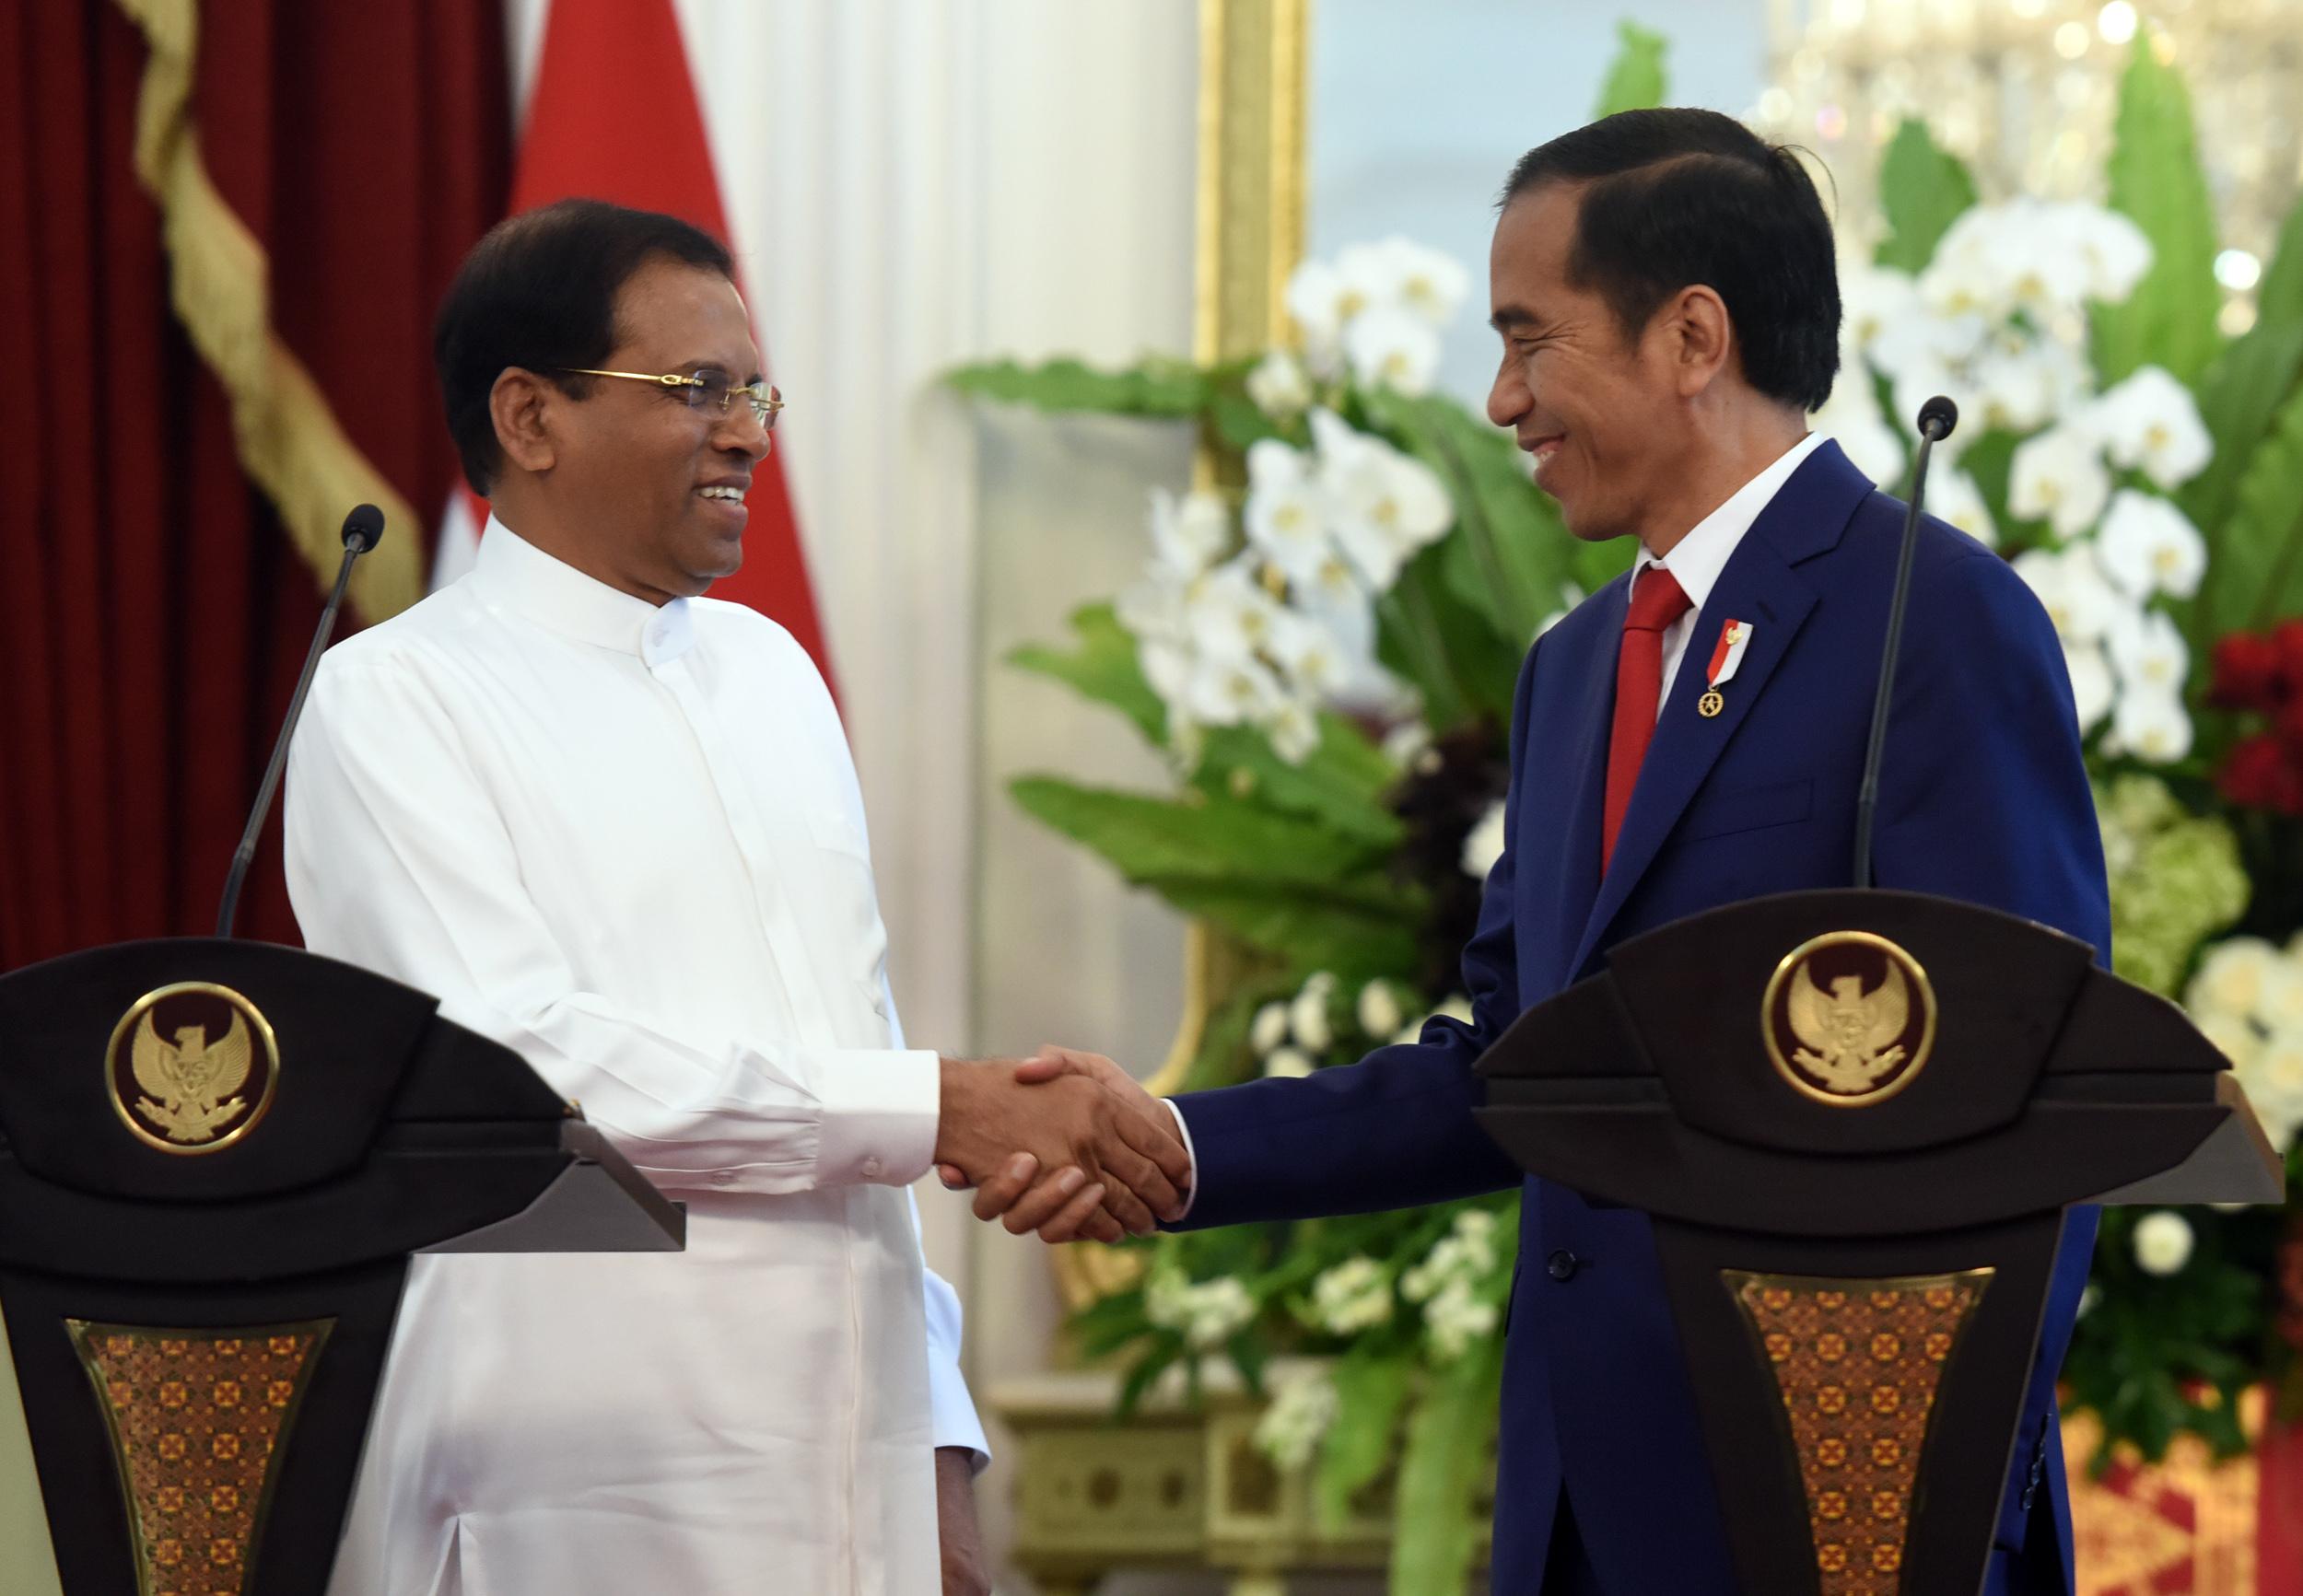 Presiden Jokowi bersalaman dengan Presiden Sri Lanka Maithripala Sirisena, usai konperensi pers bersama, di Istana Merdeka, Jakarta, Rabu (8/3) siang. (Foto: Rahmat/Humas)